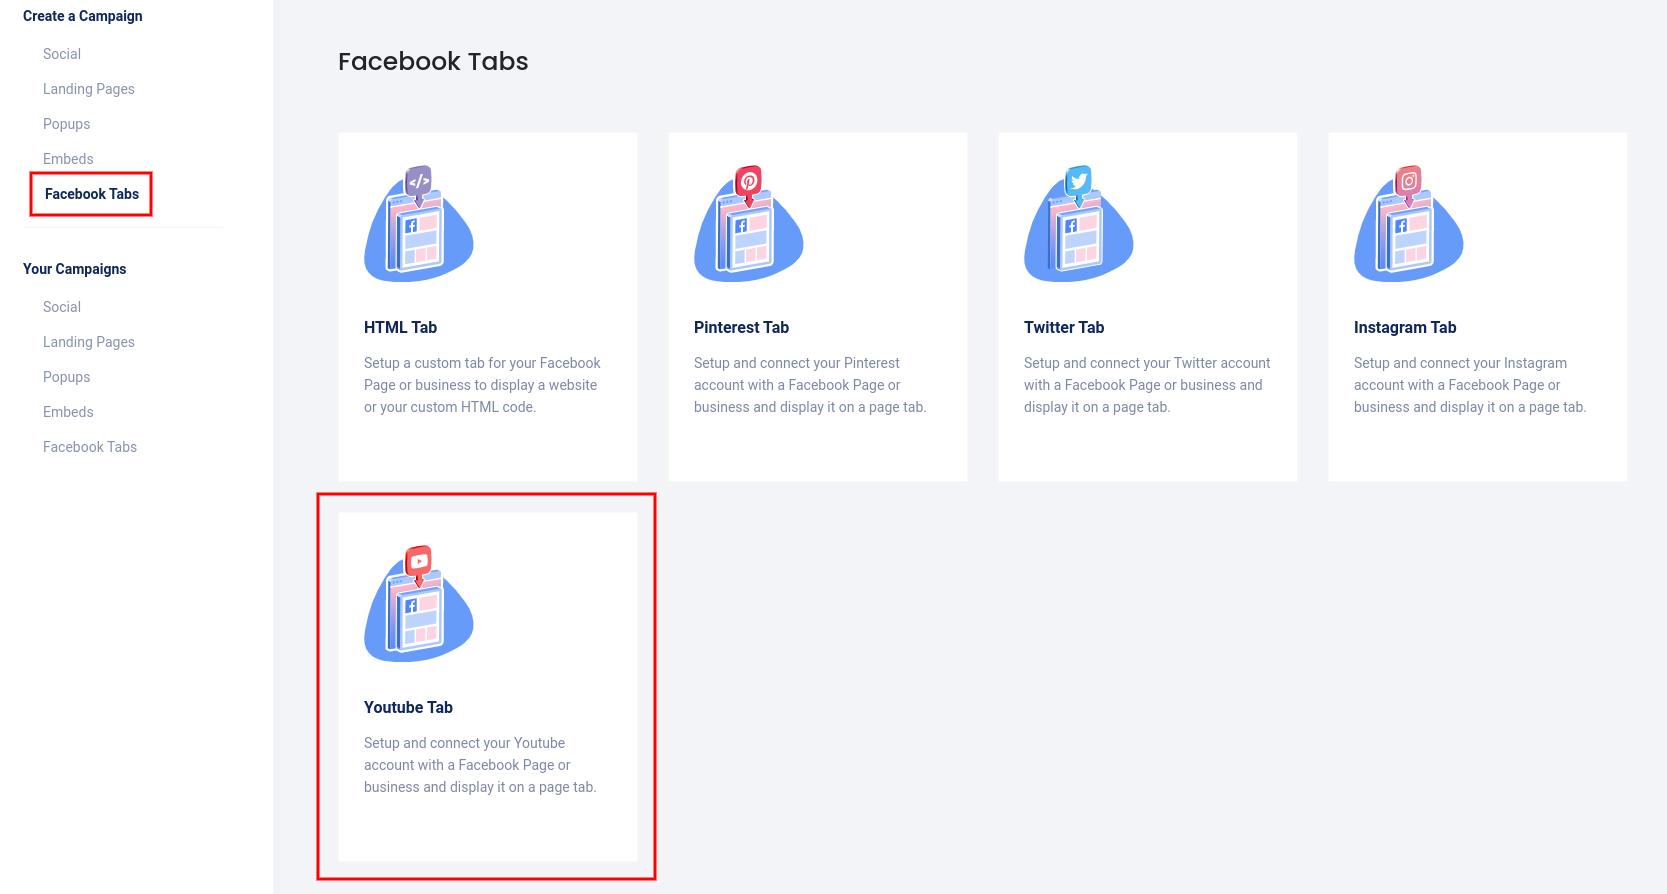 Facebook tabs - YouTube tab